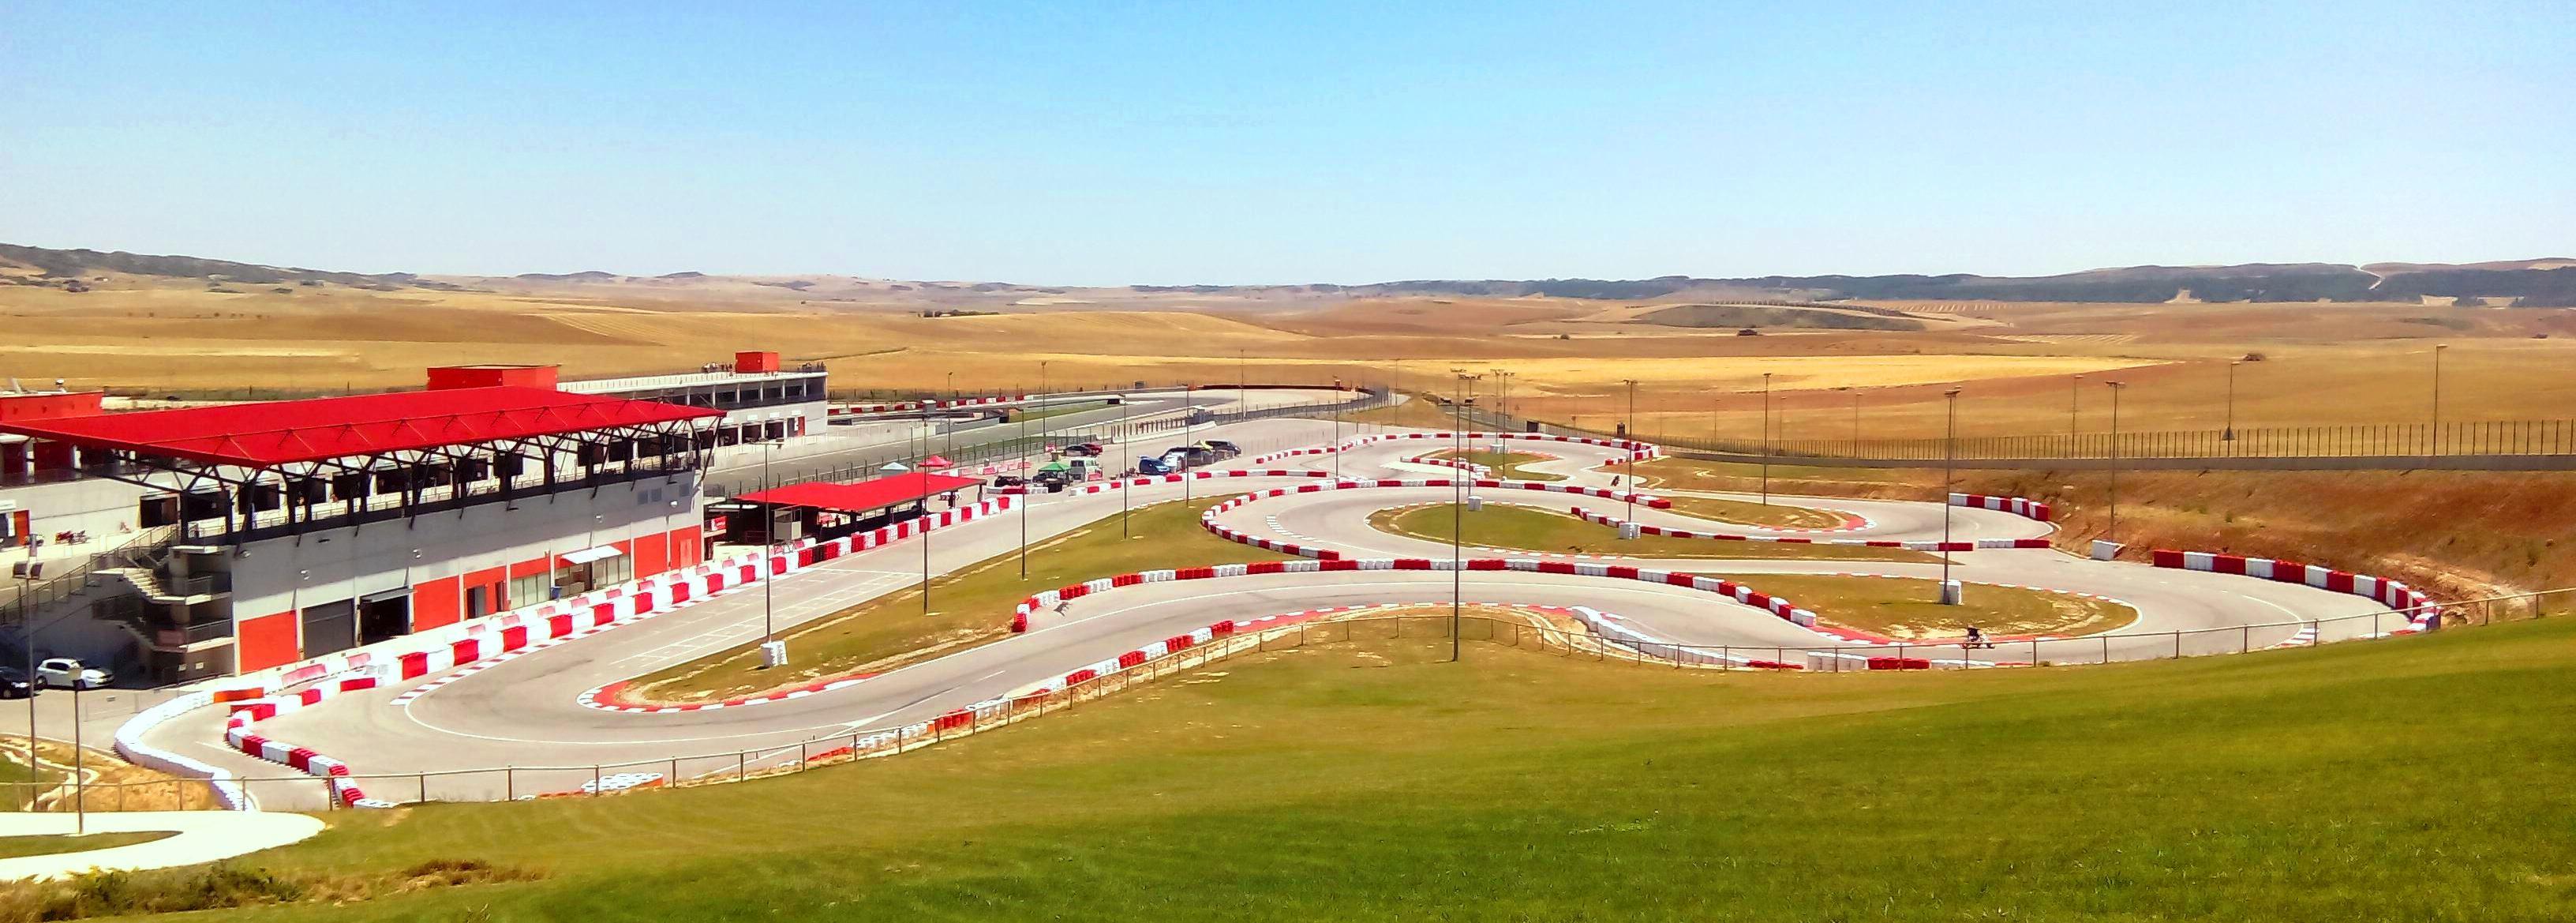 Circuito Los Arcos : Noticias karting circuito de navarrakarting circuito de navarra